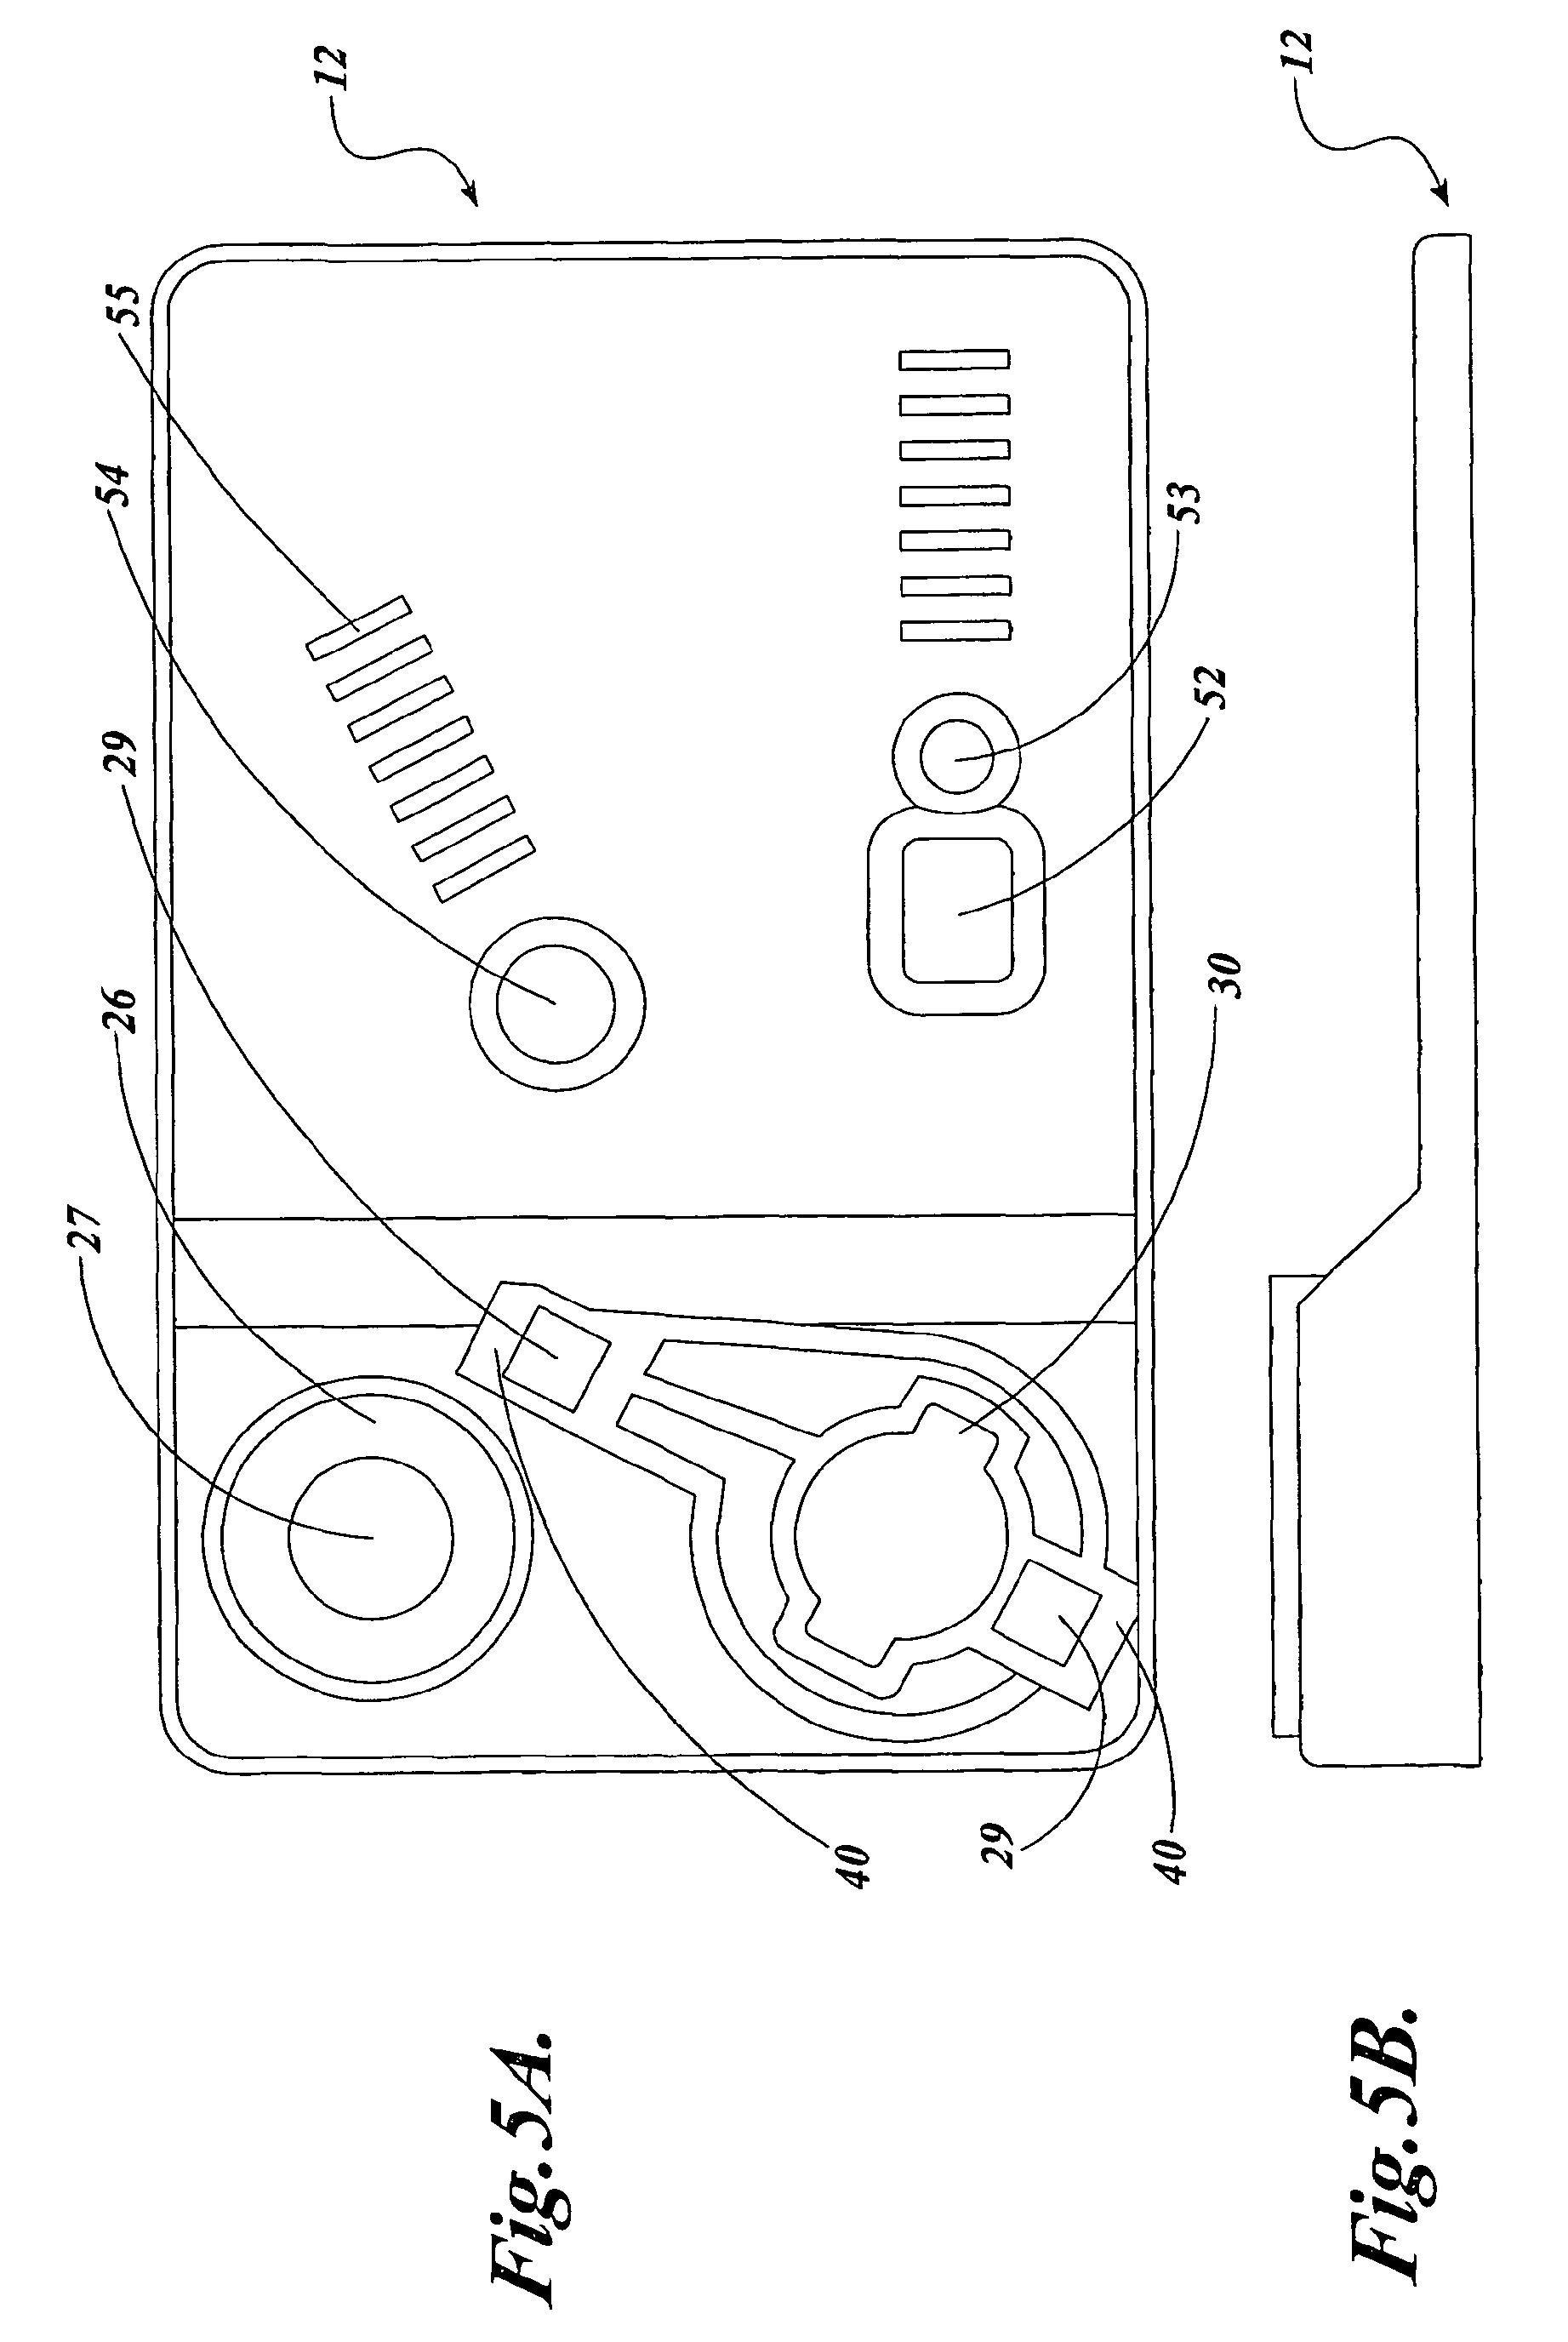 patent ep1334349b1 verfahren zum verd nnen einer fl ssigkeit und zum erkennen von analyten in. Black Bedroom Furniture Sets. Home Design Ideas